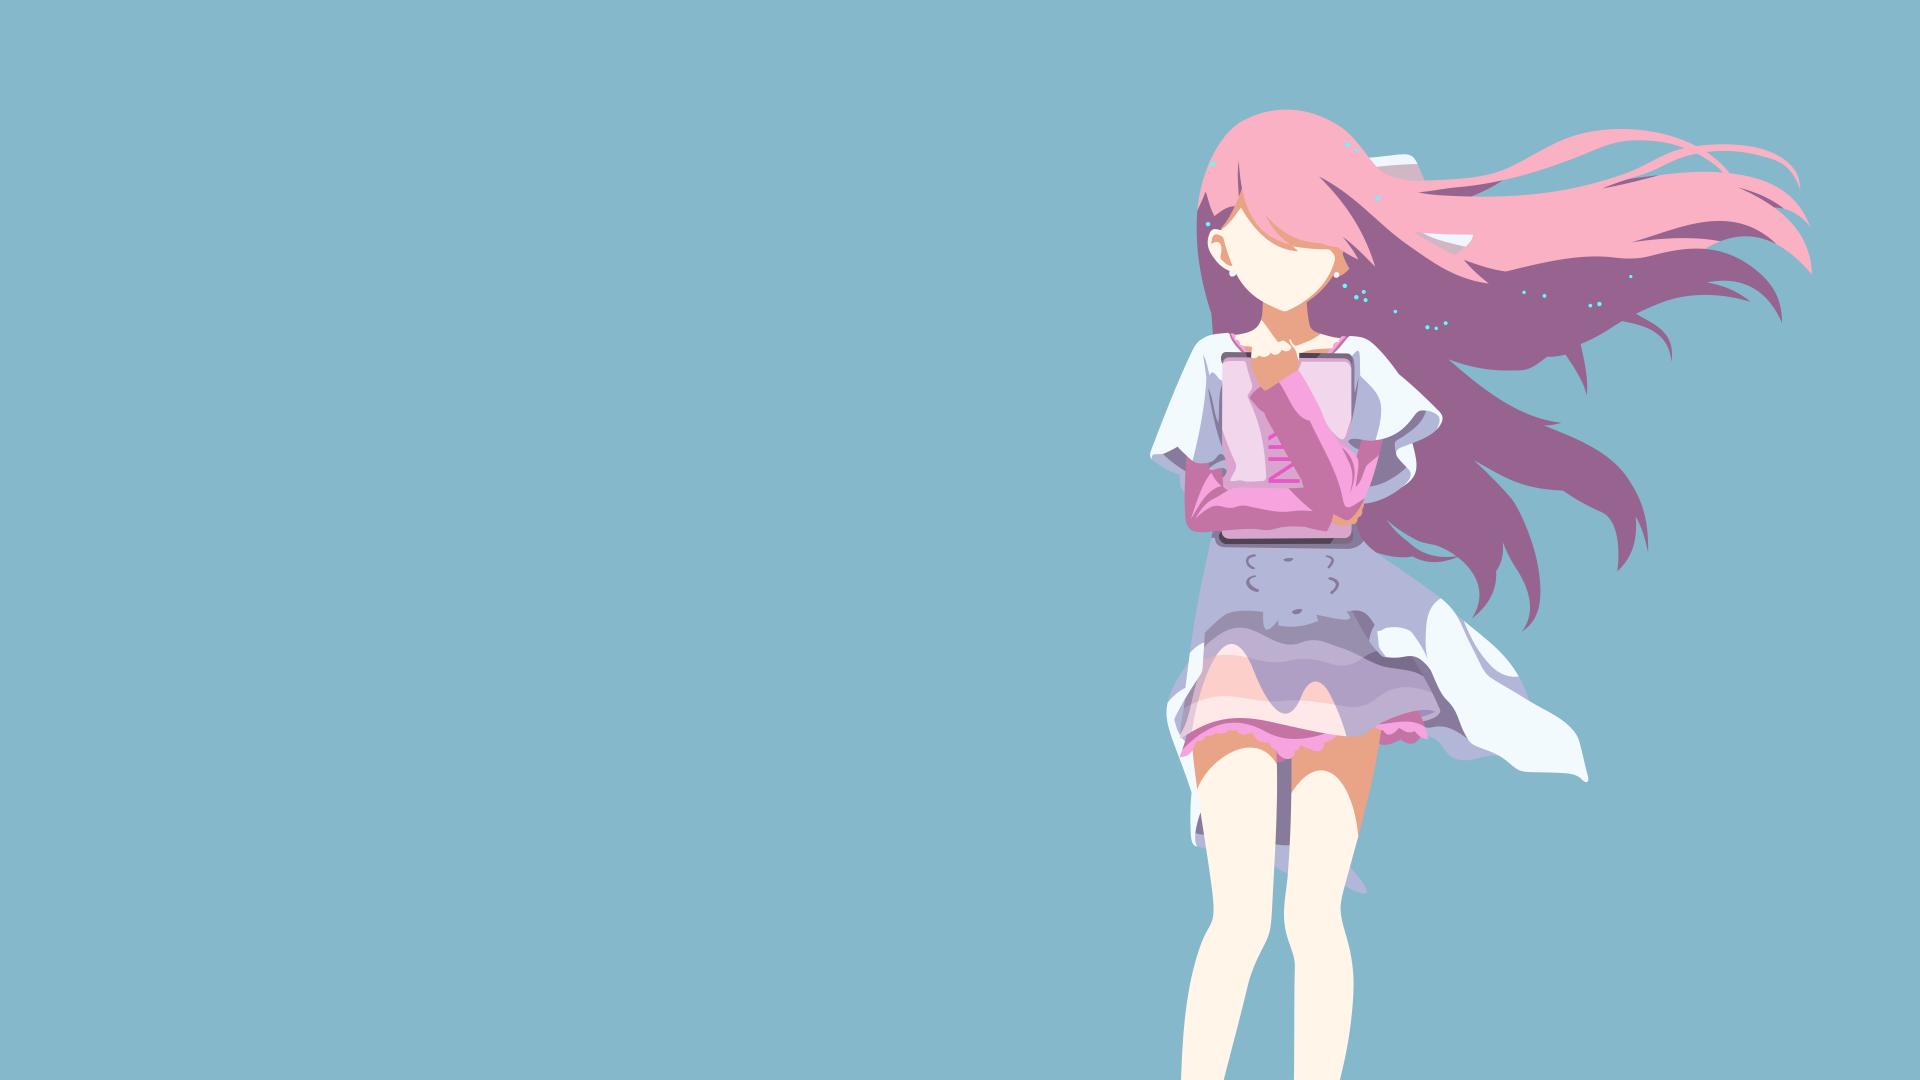 Wallpaper Rin from shelter anime